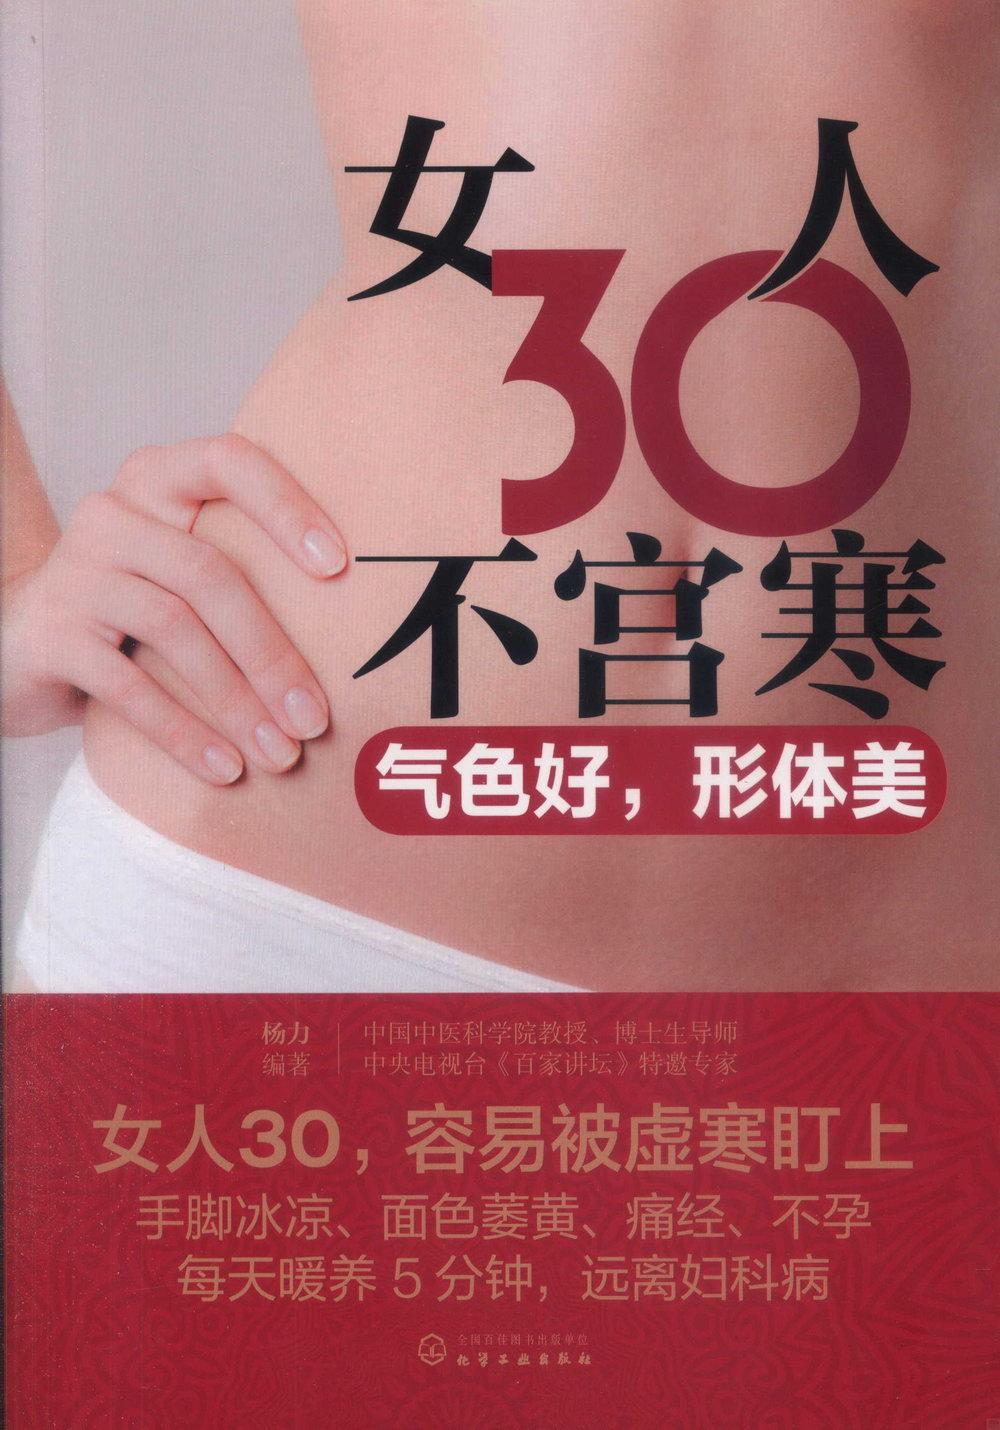 女人30不宮寒:氣色好,形體美